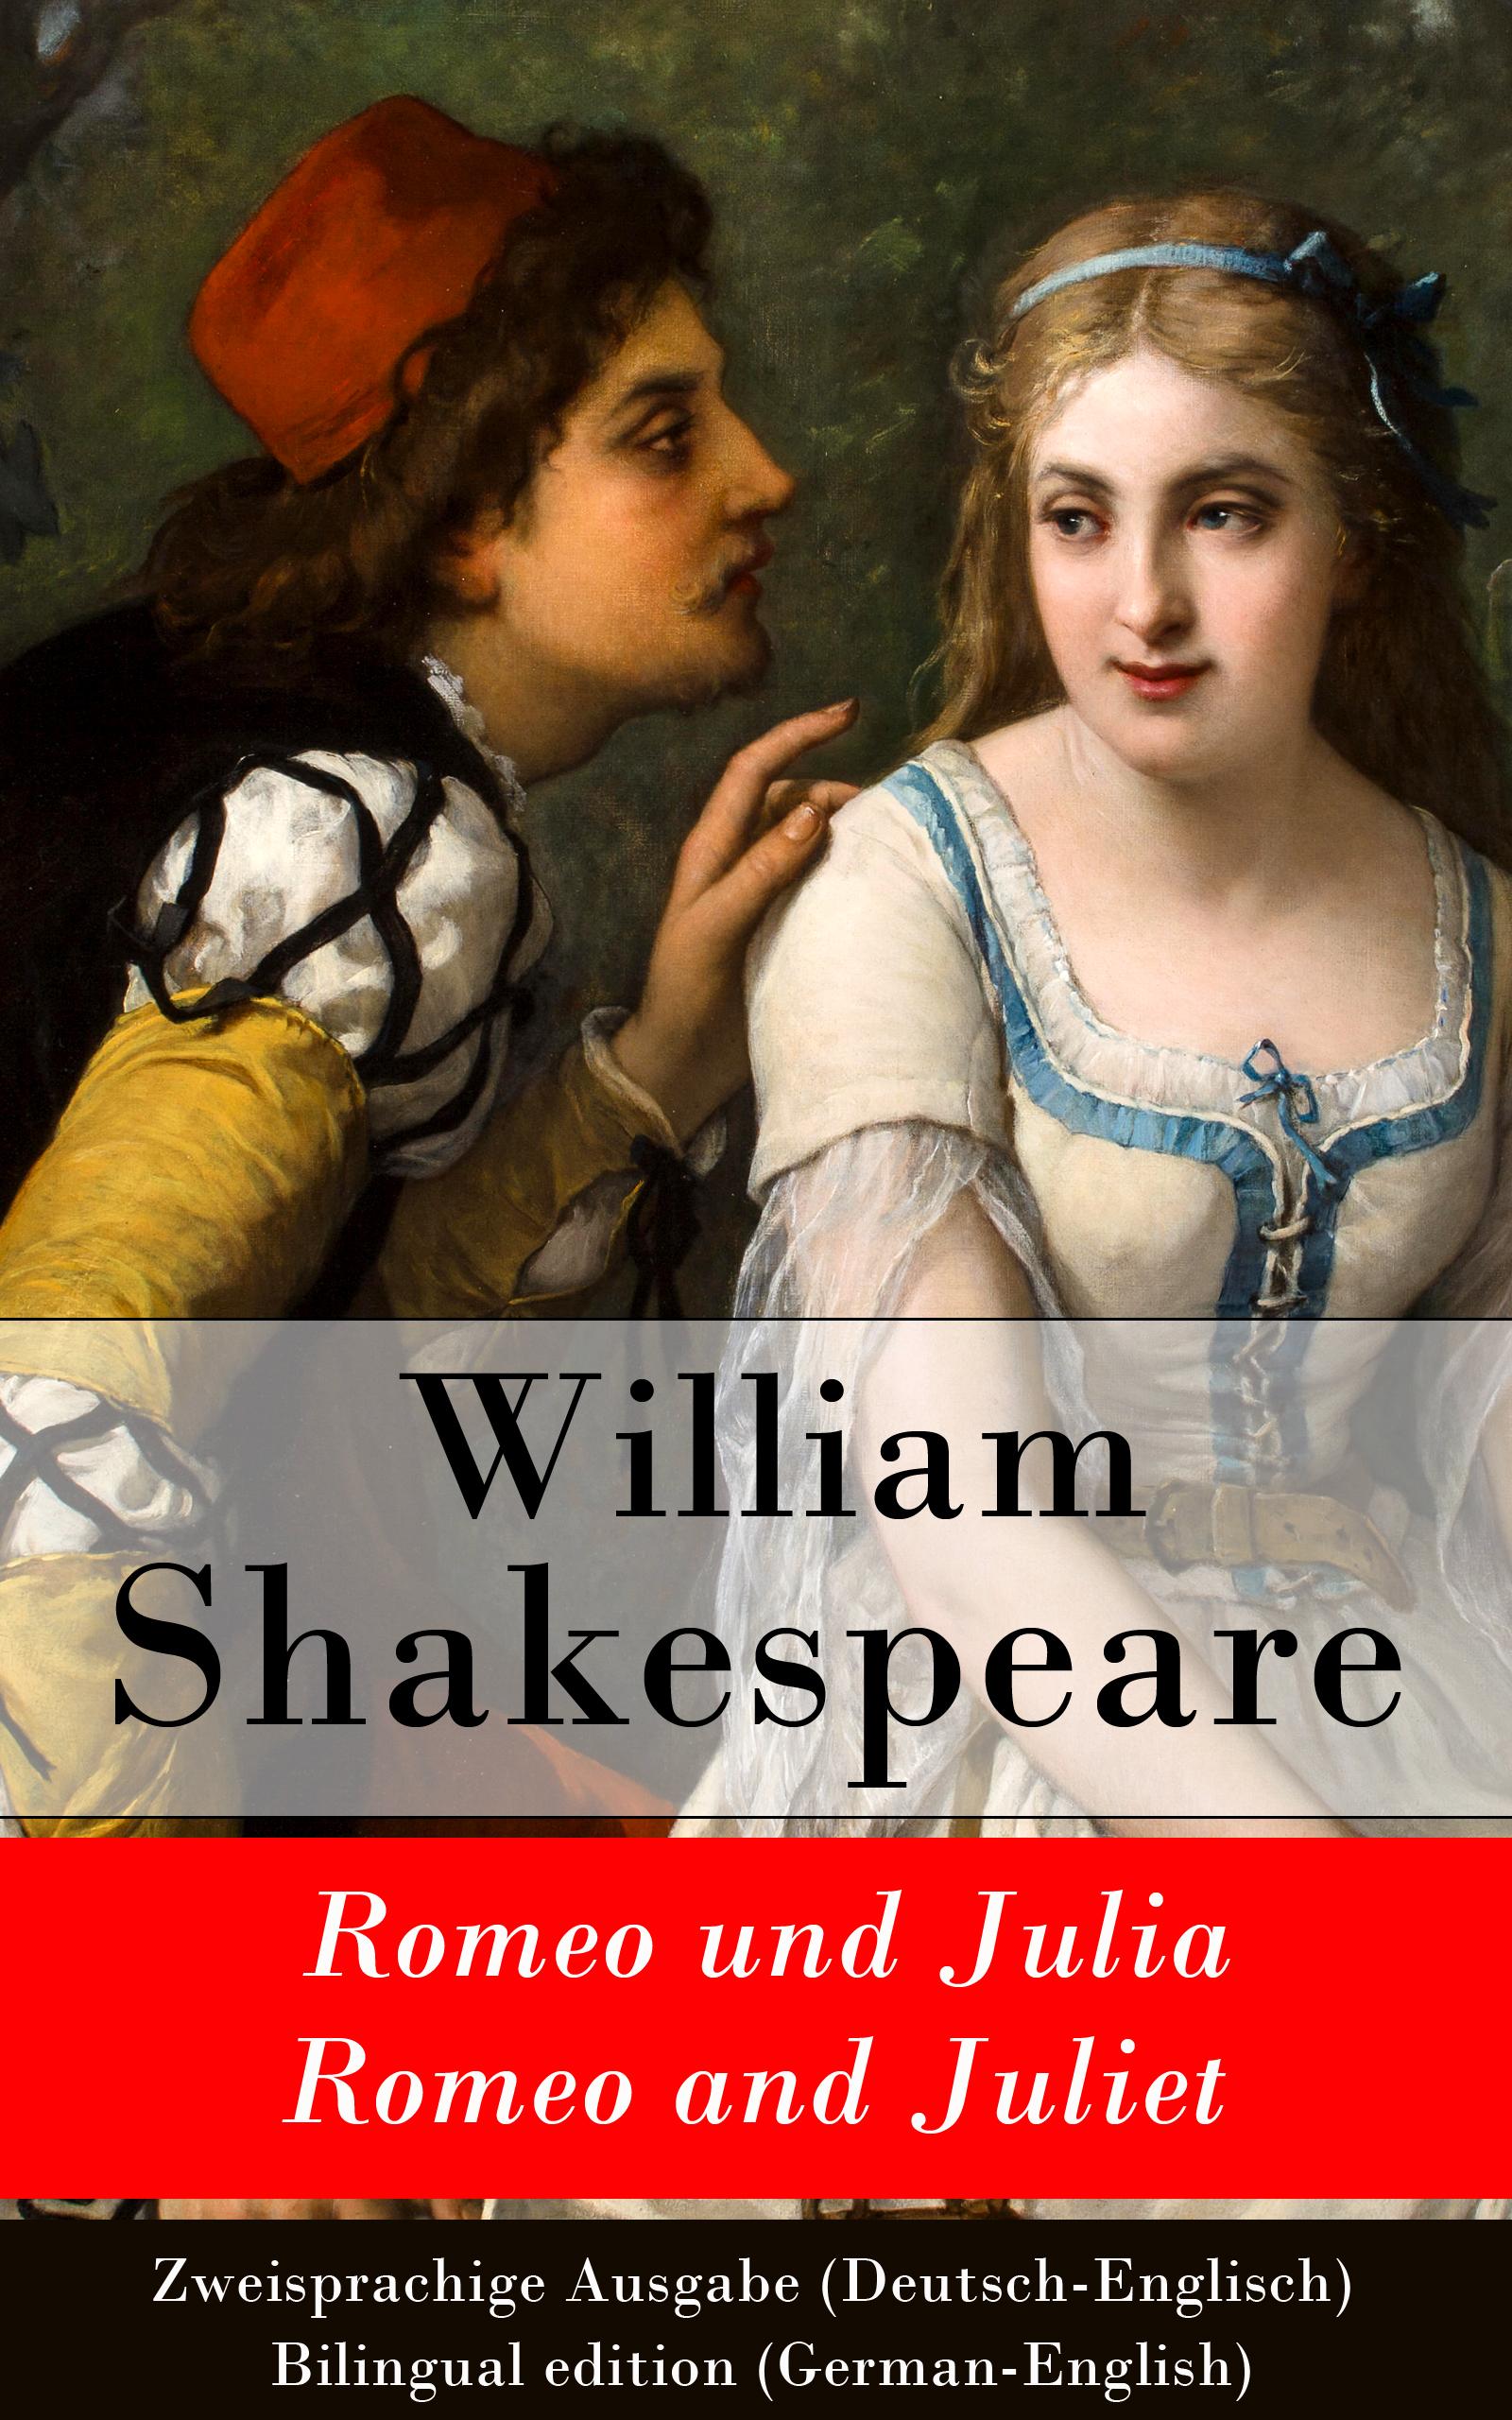 Уильям Шекспир Romeo und Julia / Romeo and Juliet - Zweisprachige Ausgabe (Deutsch-Englisch) / Bilingual edition (German-English) j c lavater goethe und lavater german edition